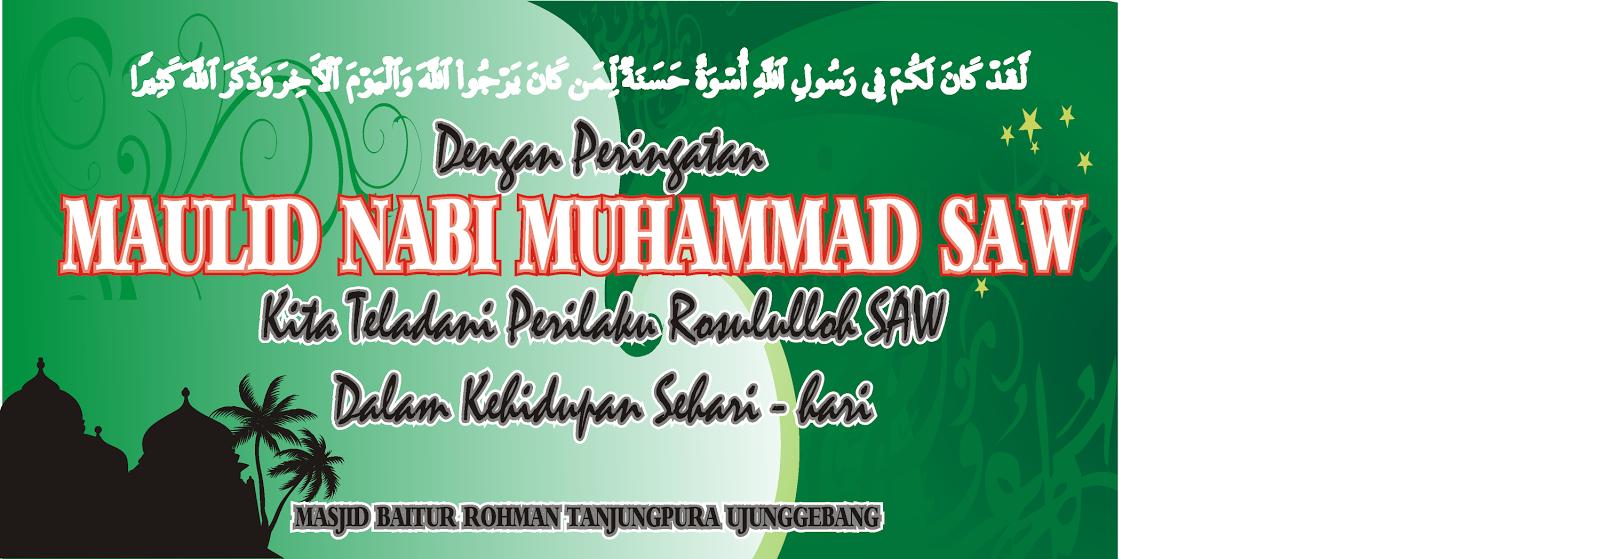 Artikel Tentang Contoh Spanduk Maulid Nabi Muhammad Saw yang ada di